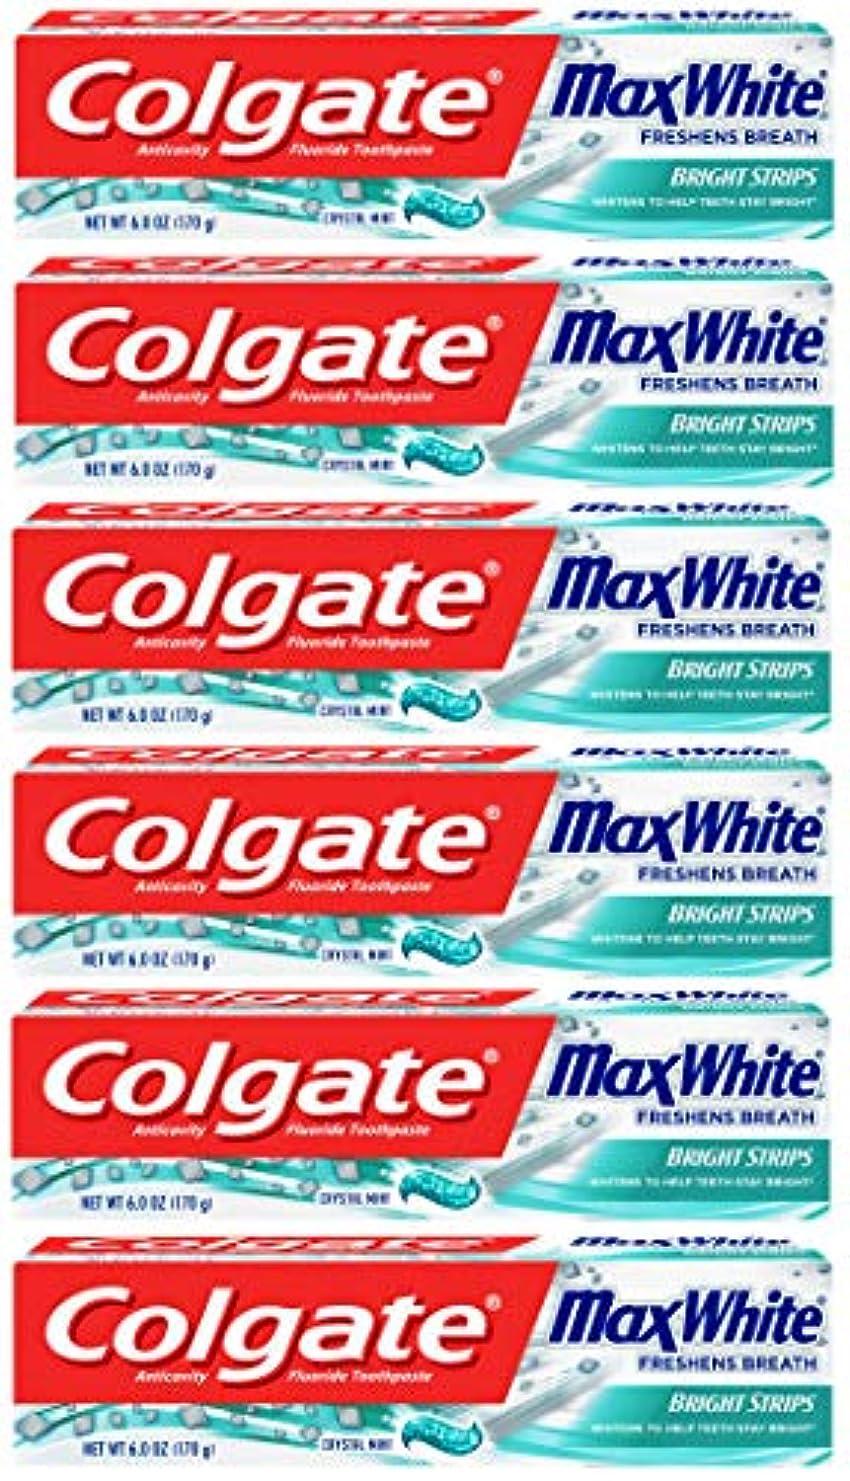 標高杭意味Colgate 明るいストリップでマックスホワイトホワイトニングの歯磨き粉、ミント - 6オンス(6パック)